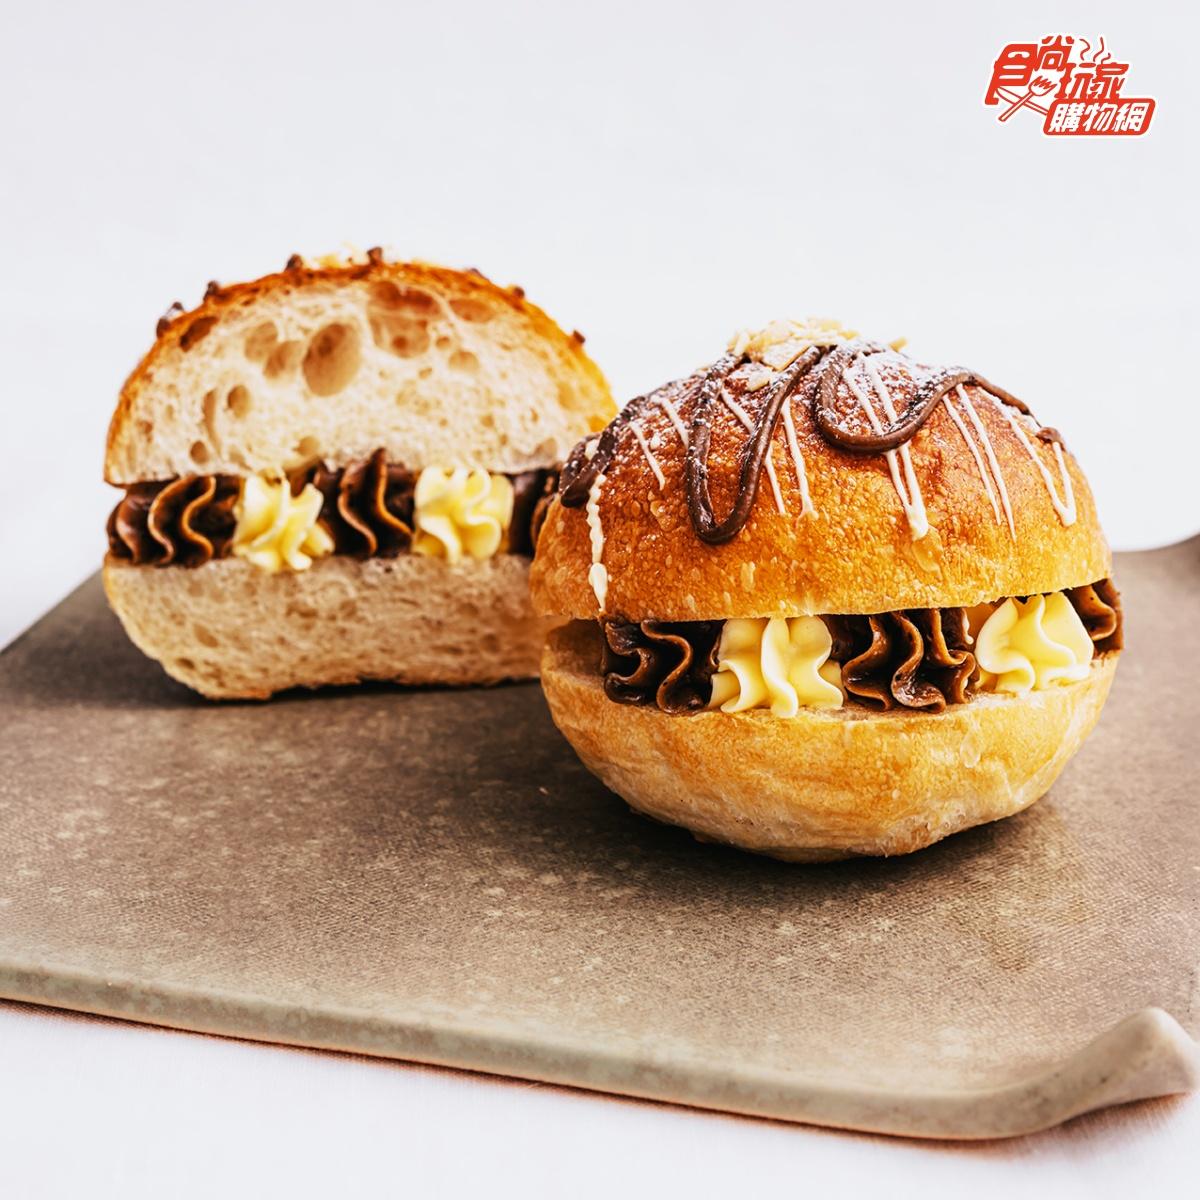 打開就能吃!懶人必收5款爆餡下午茶:3公分厚芋泥燒、風靡日韓生乳包